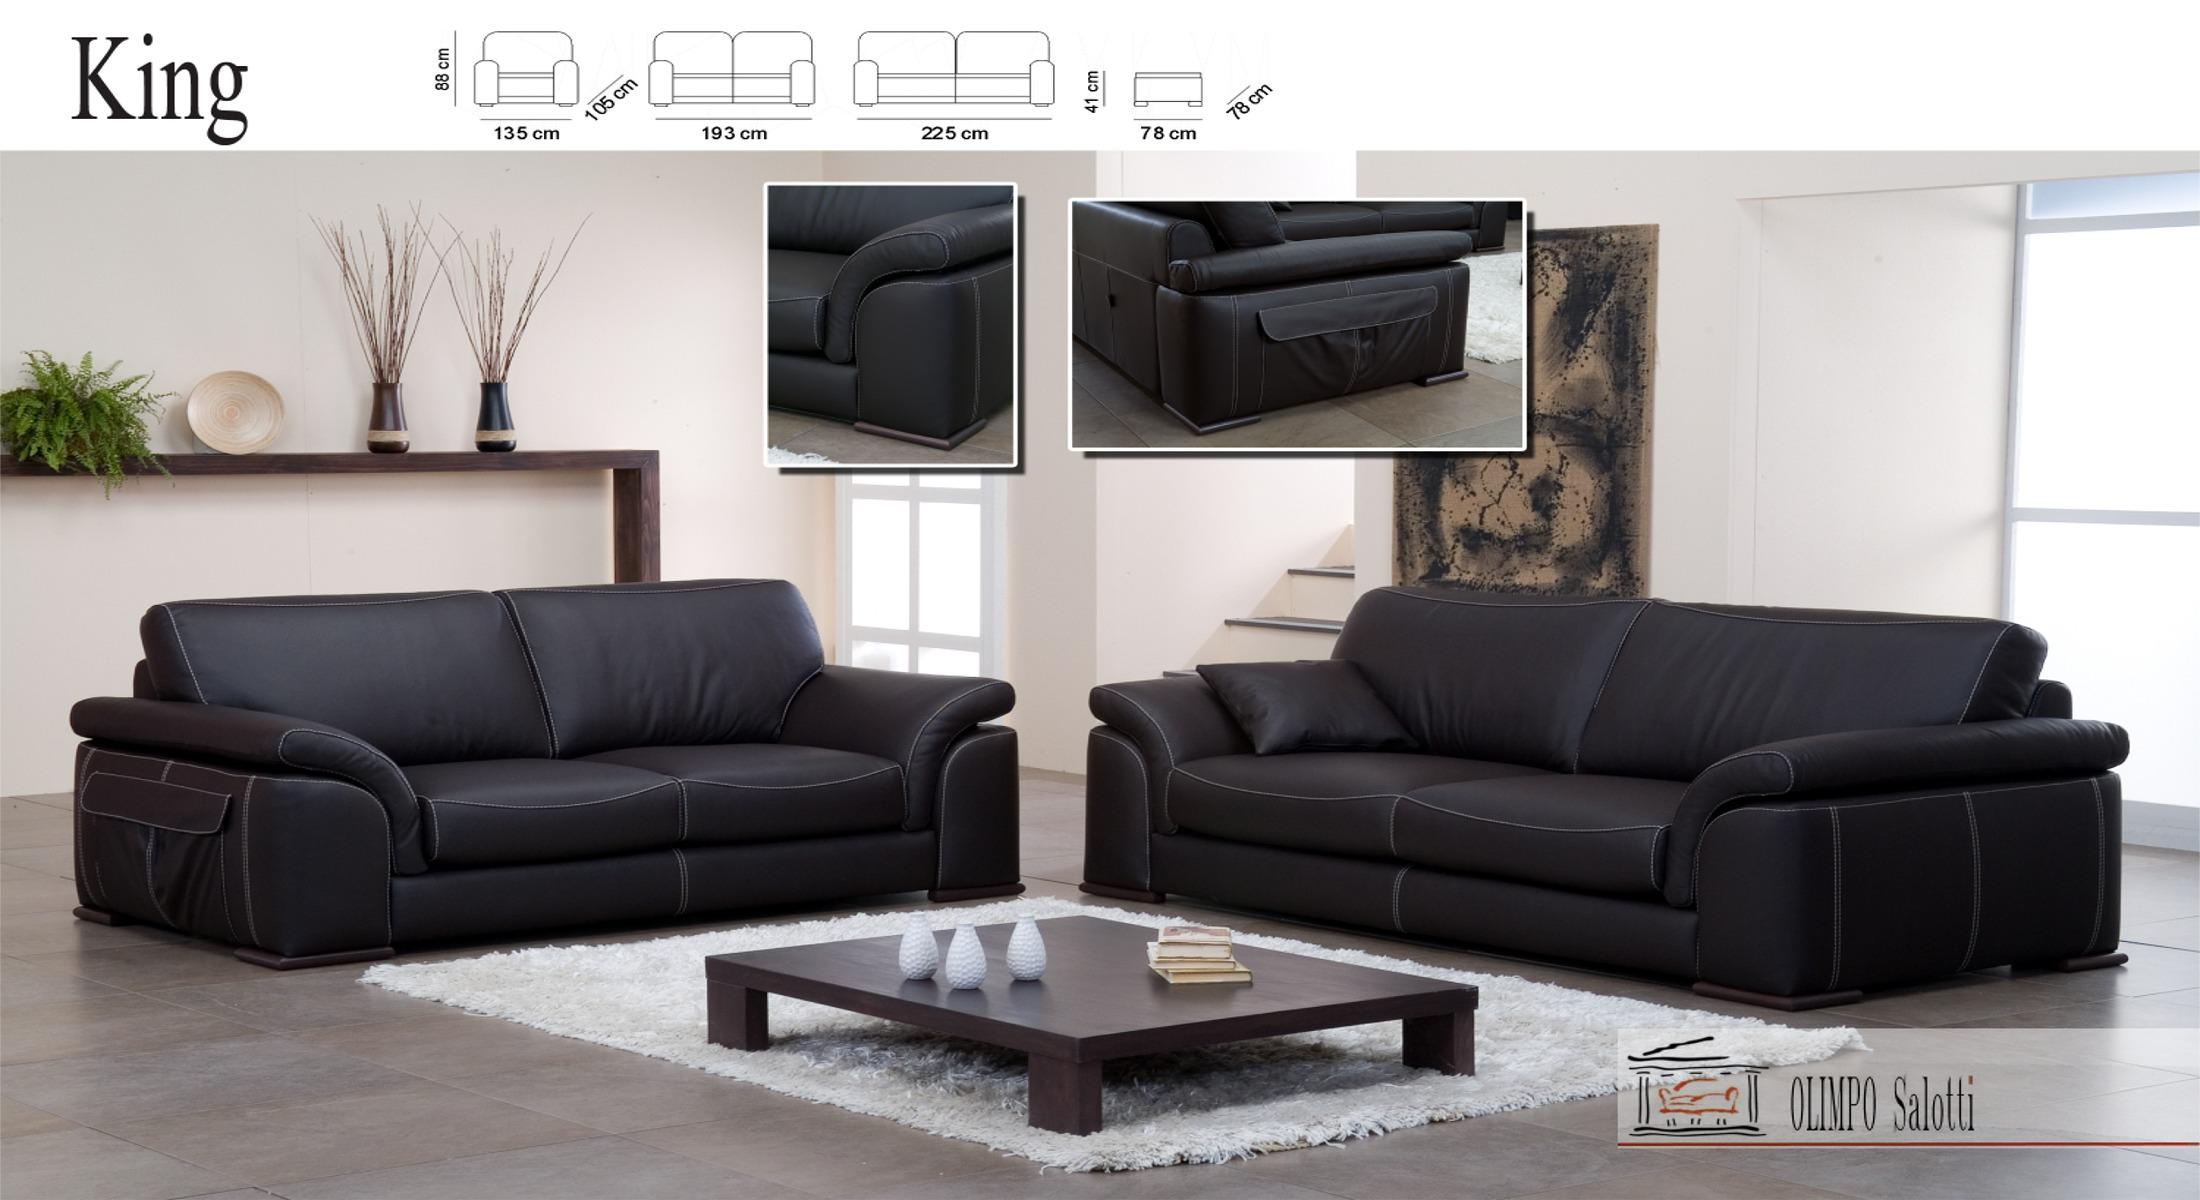 Salotto divano moderno 3p 2p alto design in offerta ebay - Divano moderno design ...